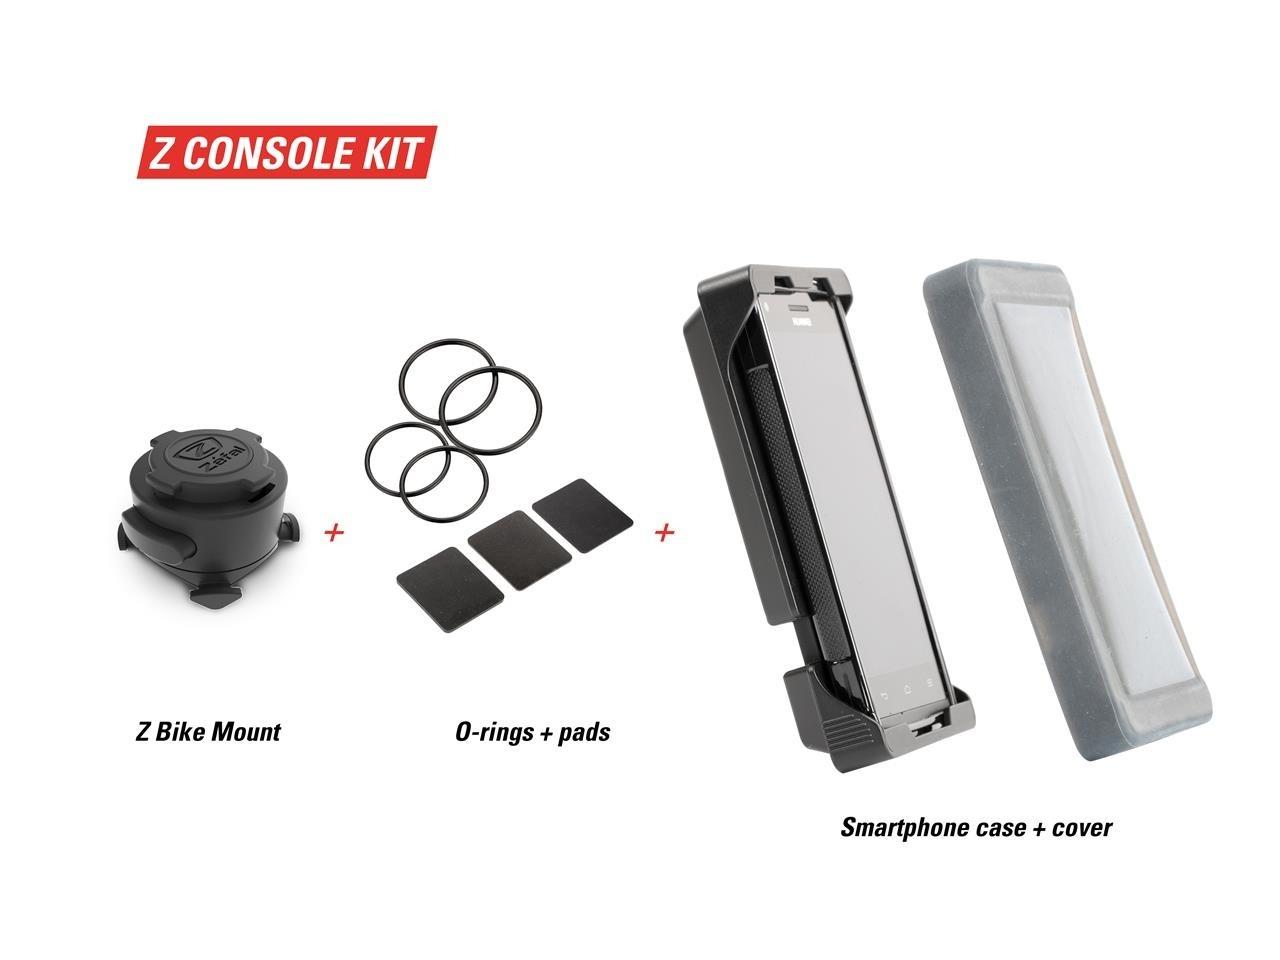 Telefonhållare Zefal Console Kit M